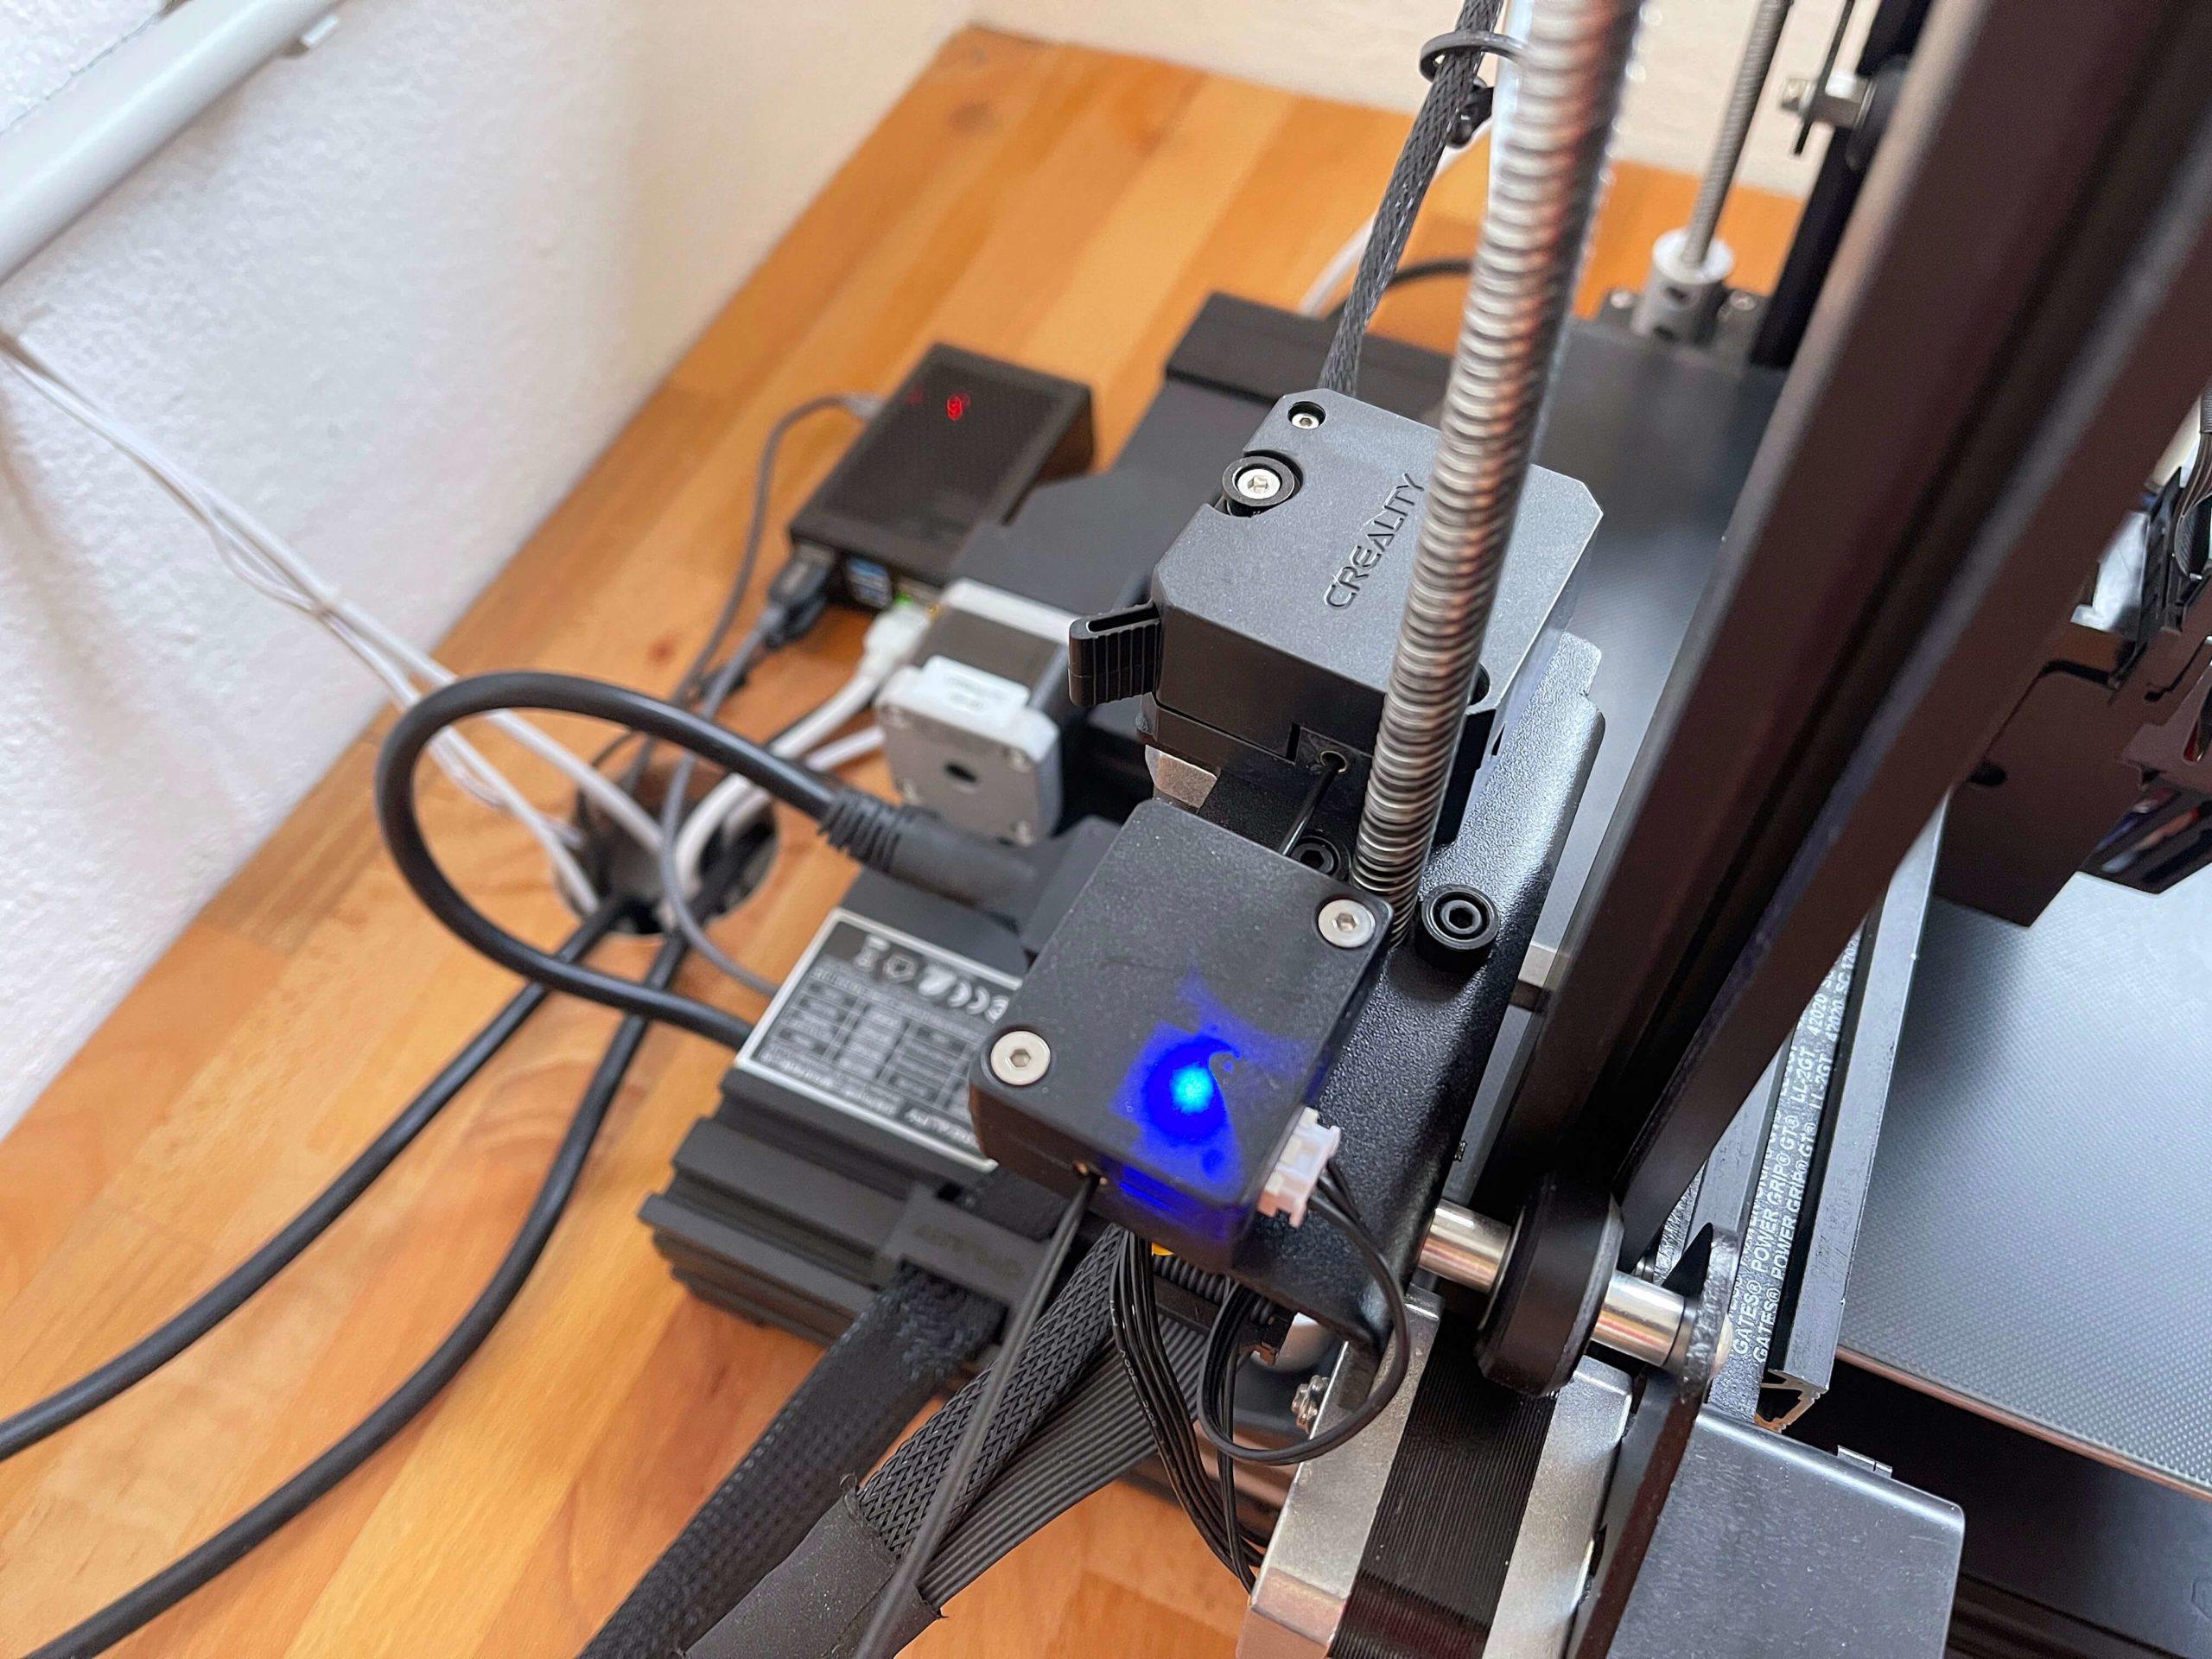 CR-6-SE-3D-Drucker-von-Creality-ideal-fuer-fortgeschrittene-Einsteiger4-scaled CR-6 SE 3D-Drucker von Creality - ideal für fortgeschrittene Einsteiger